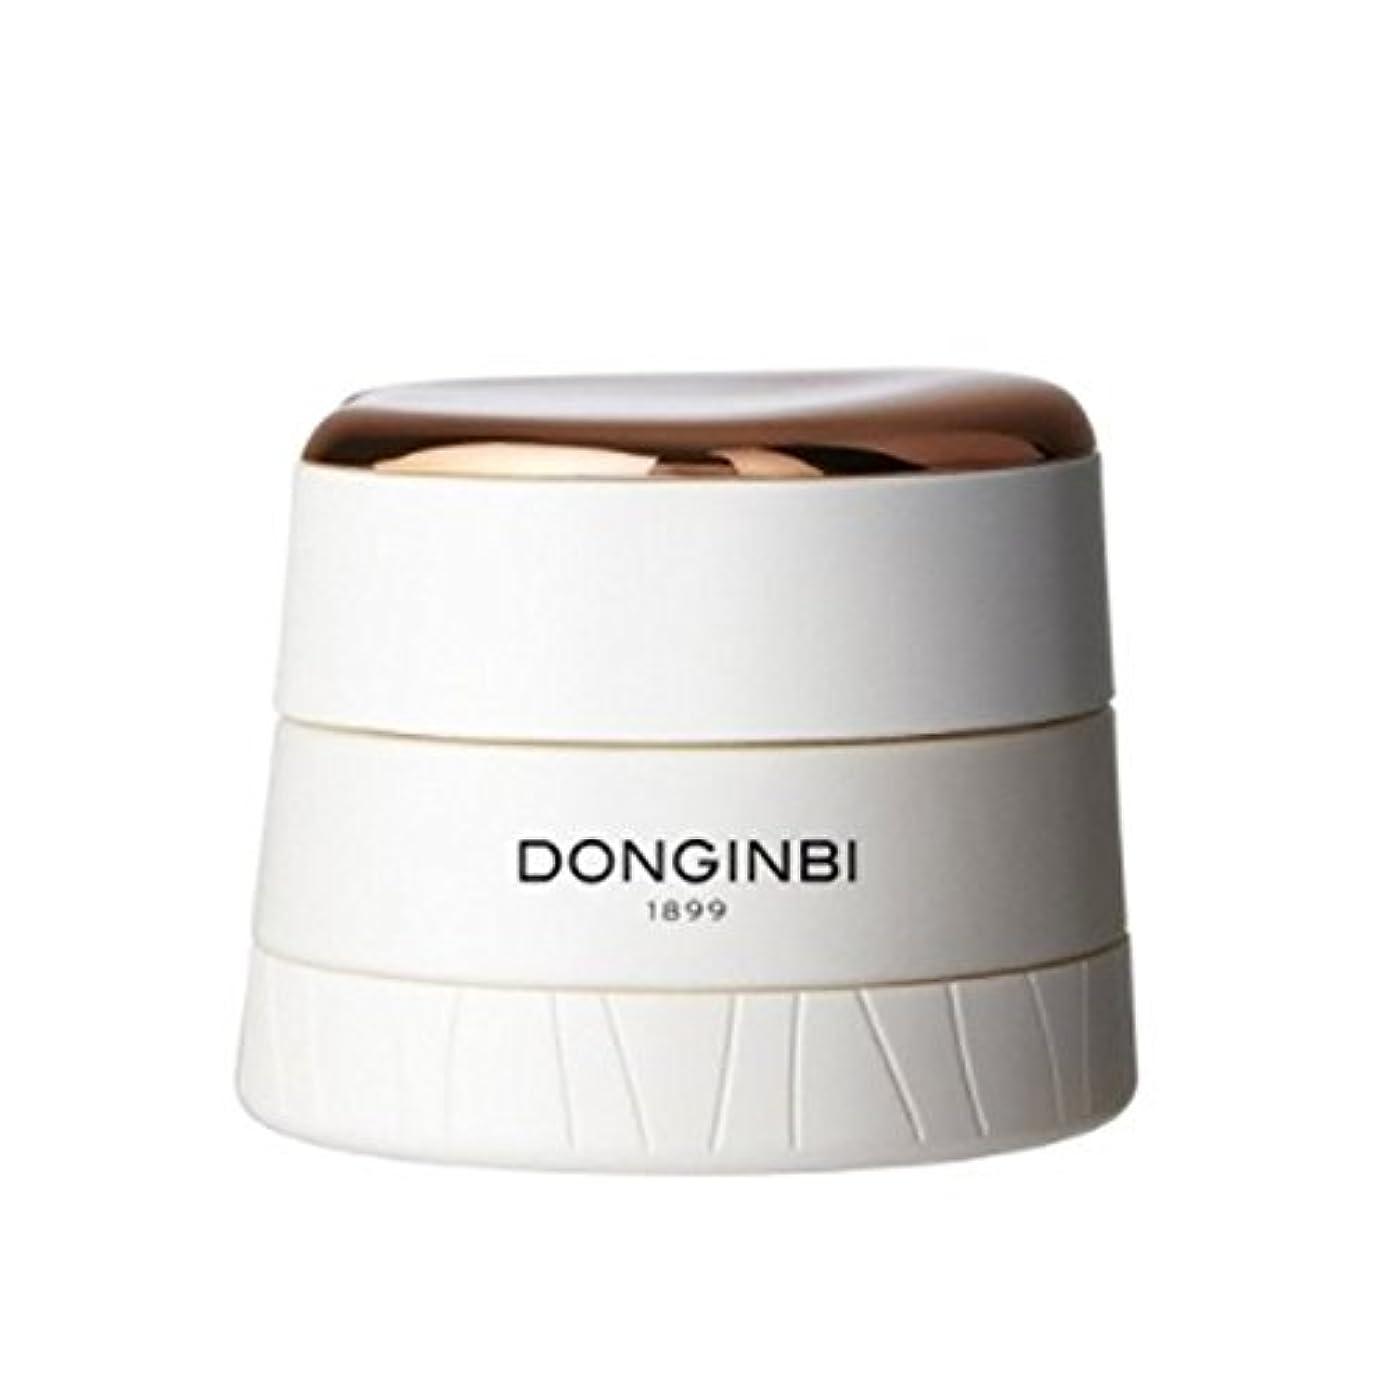 実装する寛大さすき[ドンインビ]DONGINBI ドンインビユン クリーム60ml 海外直送品 cream 60ml [並行輸入品]